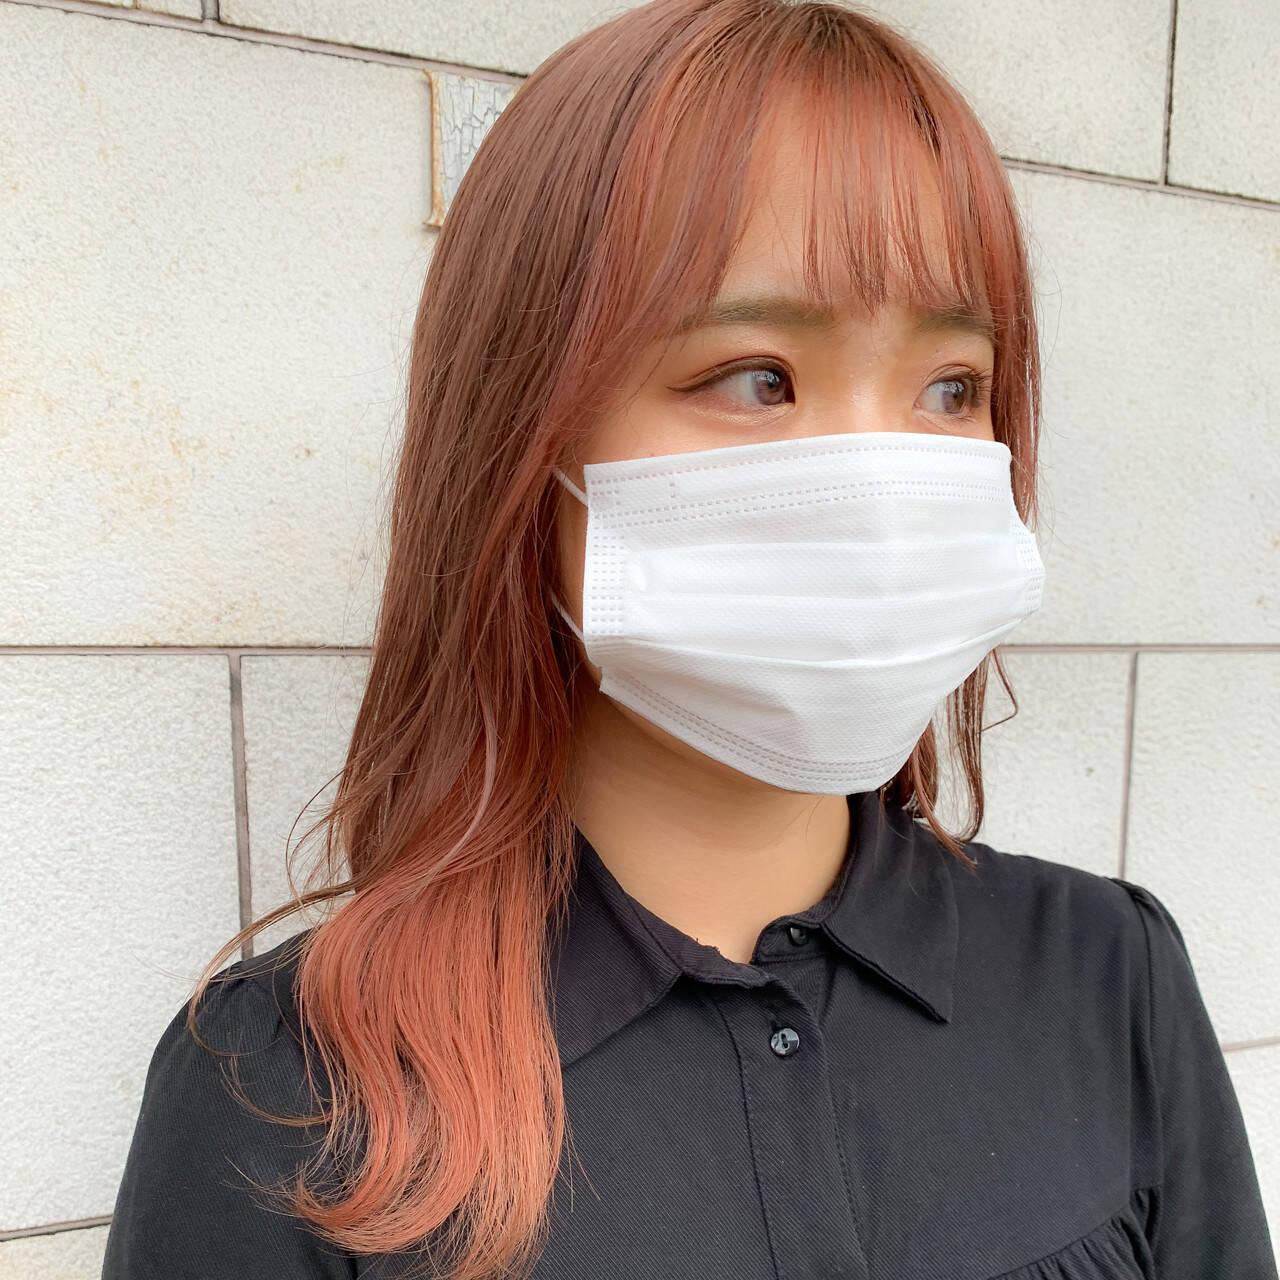 ガーリー ピンクベージュ 韓国ヘア ミディアムヘアスタイルや髪型の写真・画像